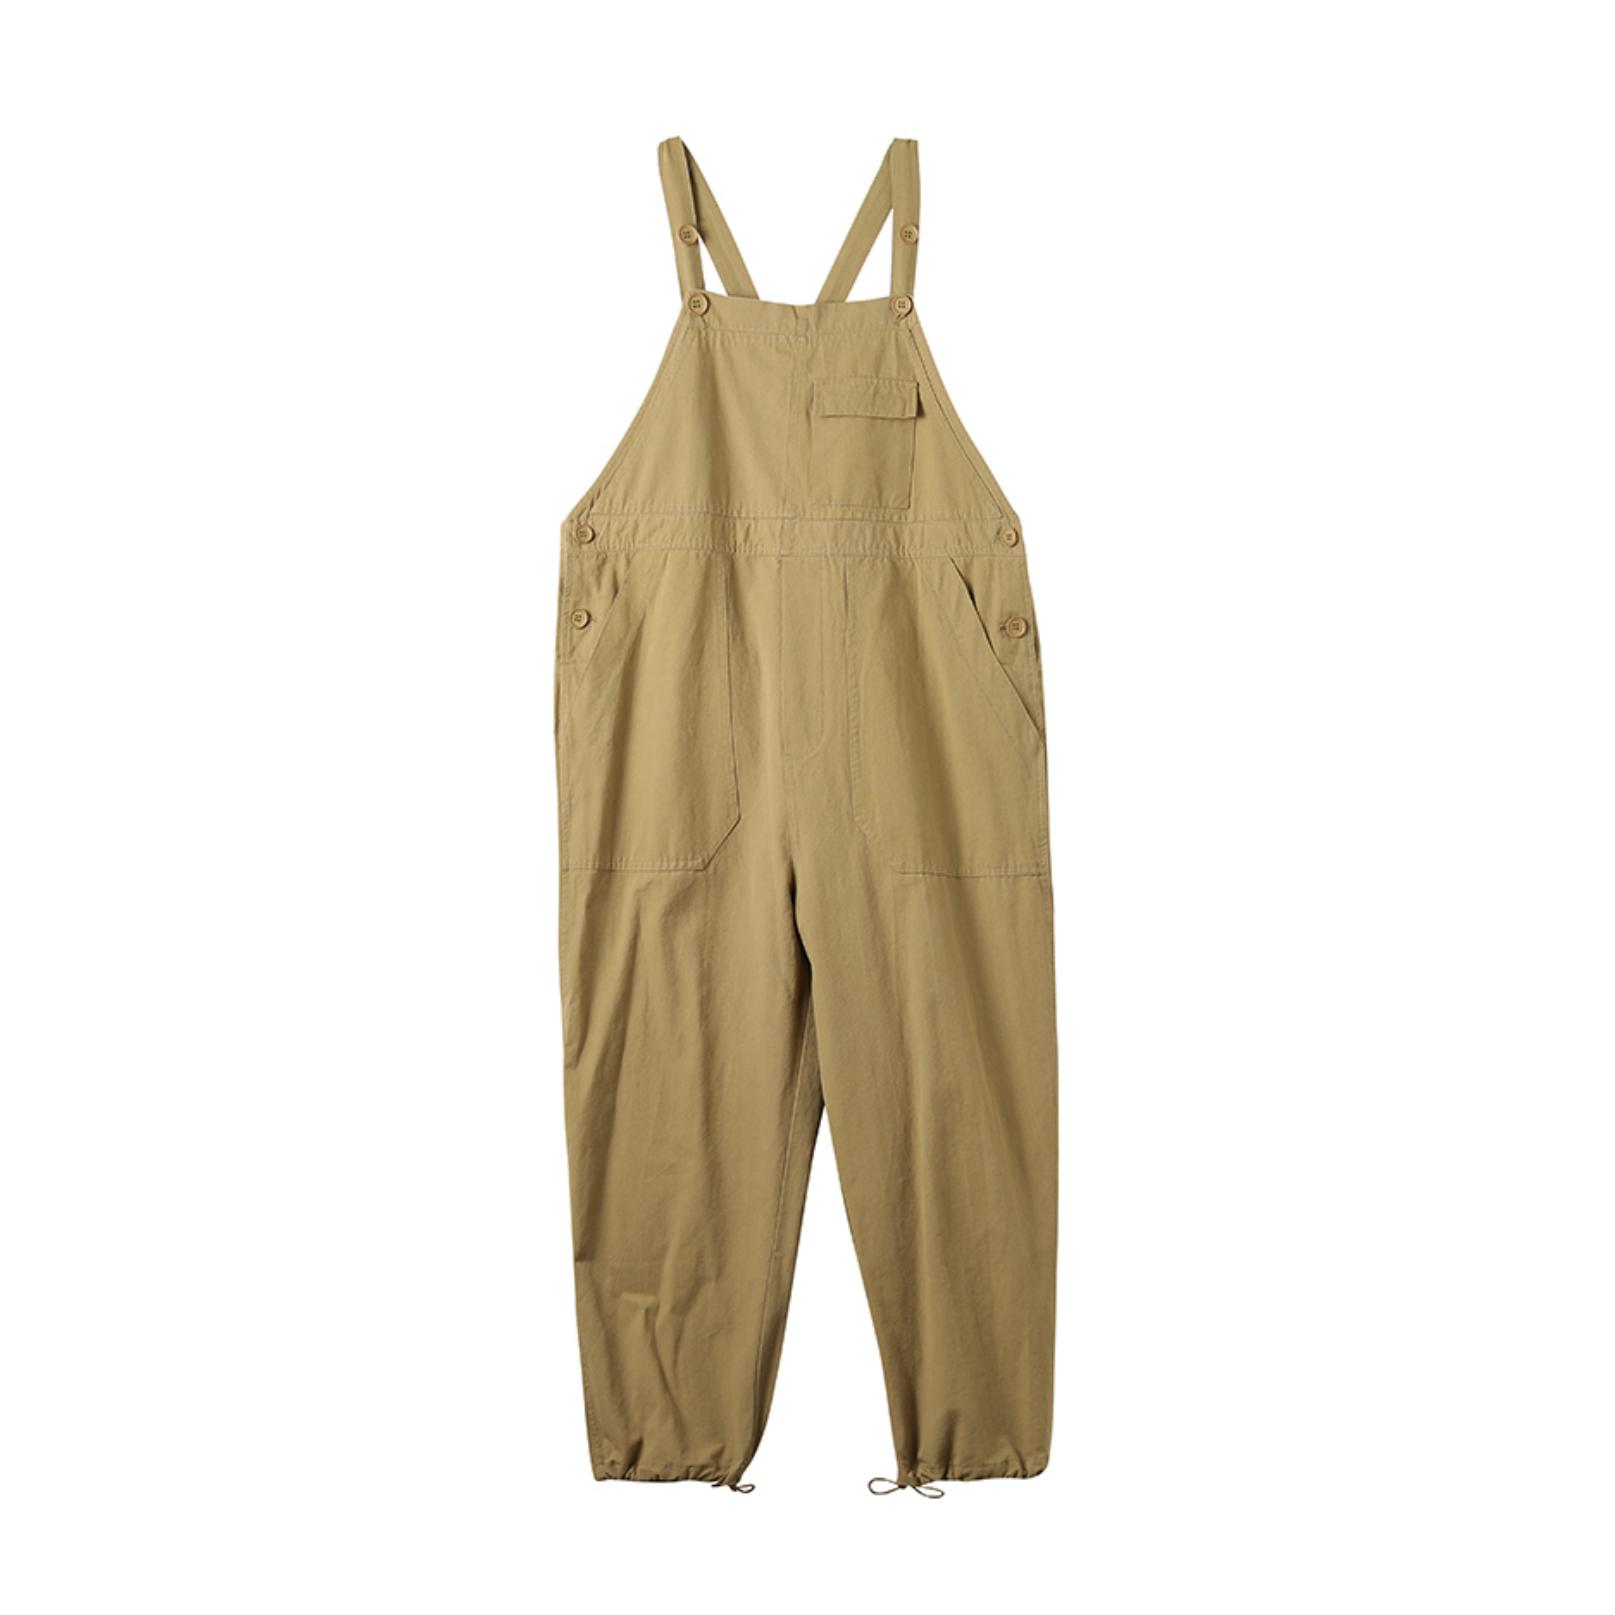 【WOMEN'S】ワーク カーゴ ジャンプスーツ オーバーオール サロペット【3colors】WN-565